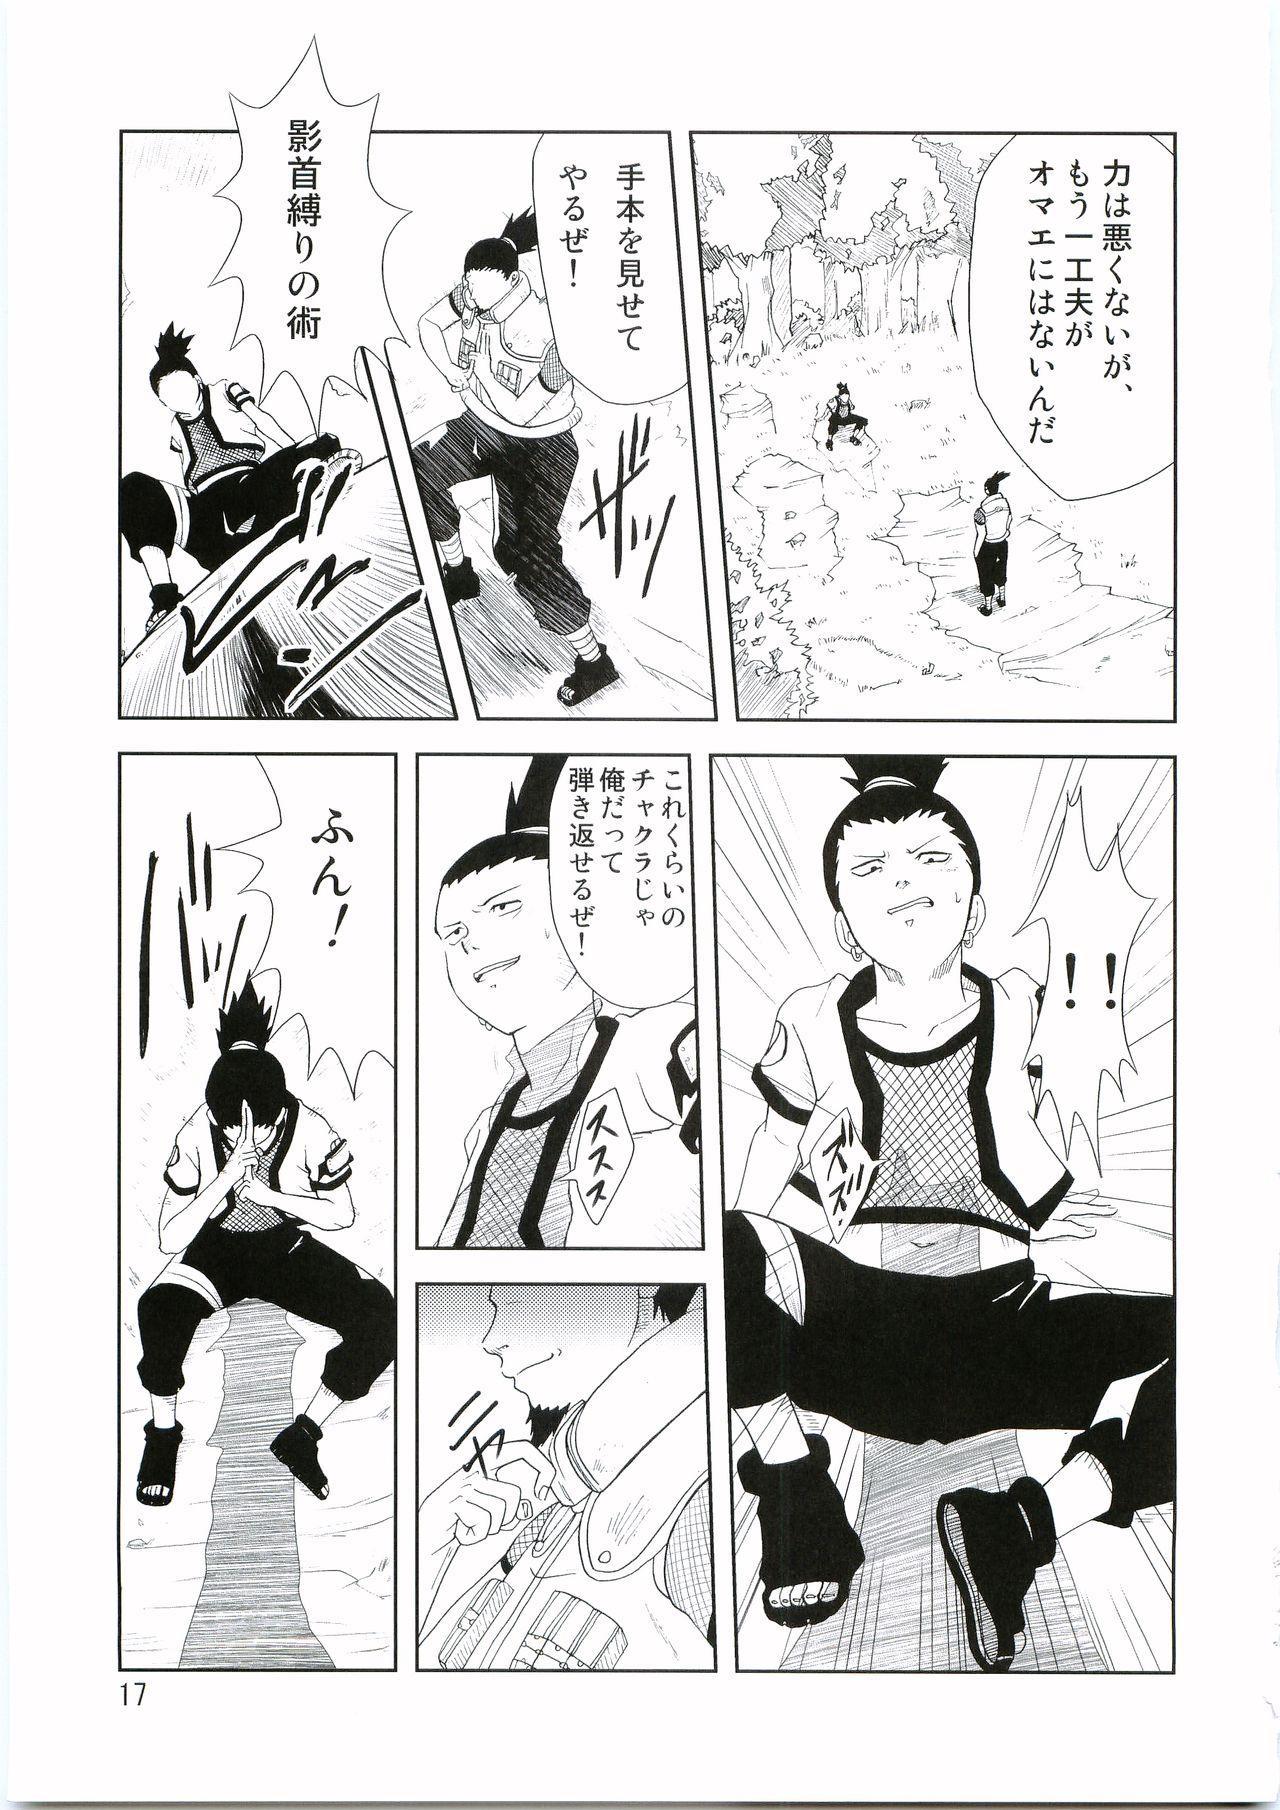 Shinobi no Kokoroe 17